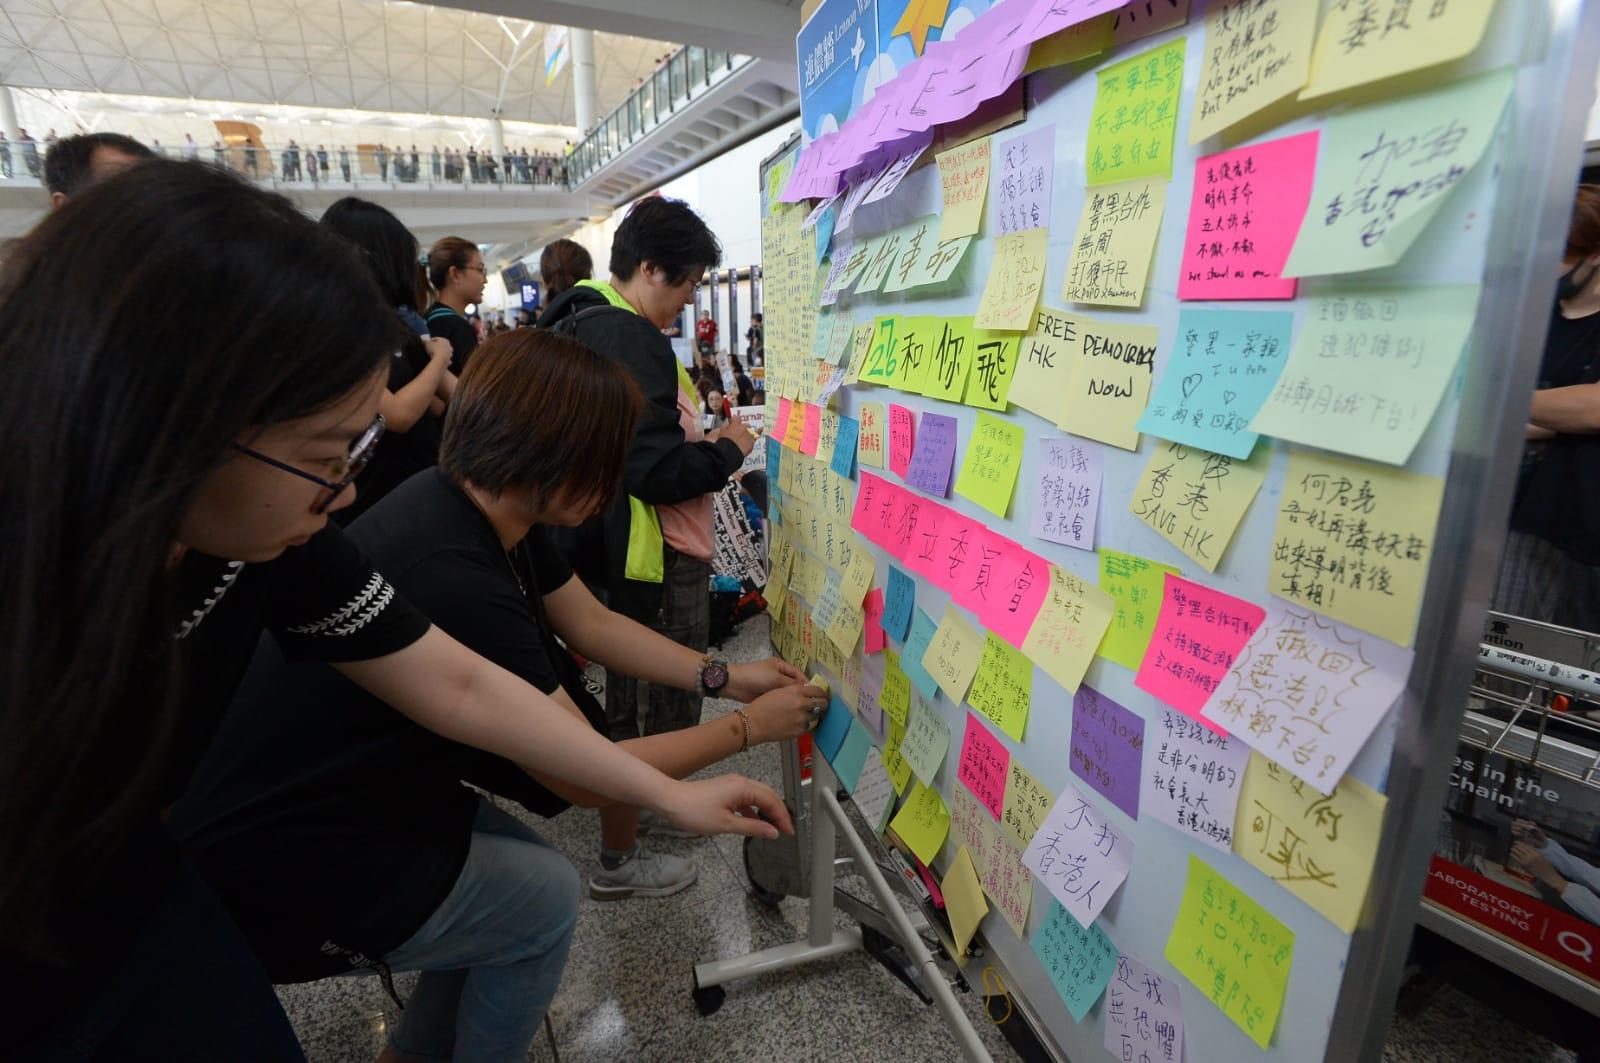 集會人士設置「連儂牆」讓人寫下訴求。